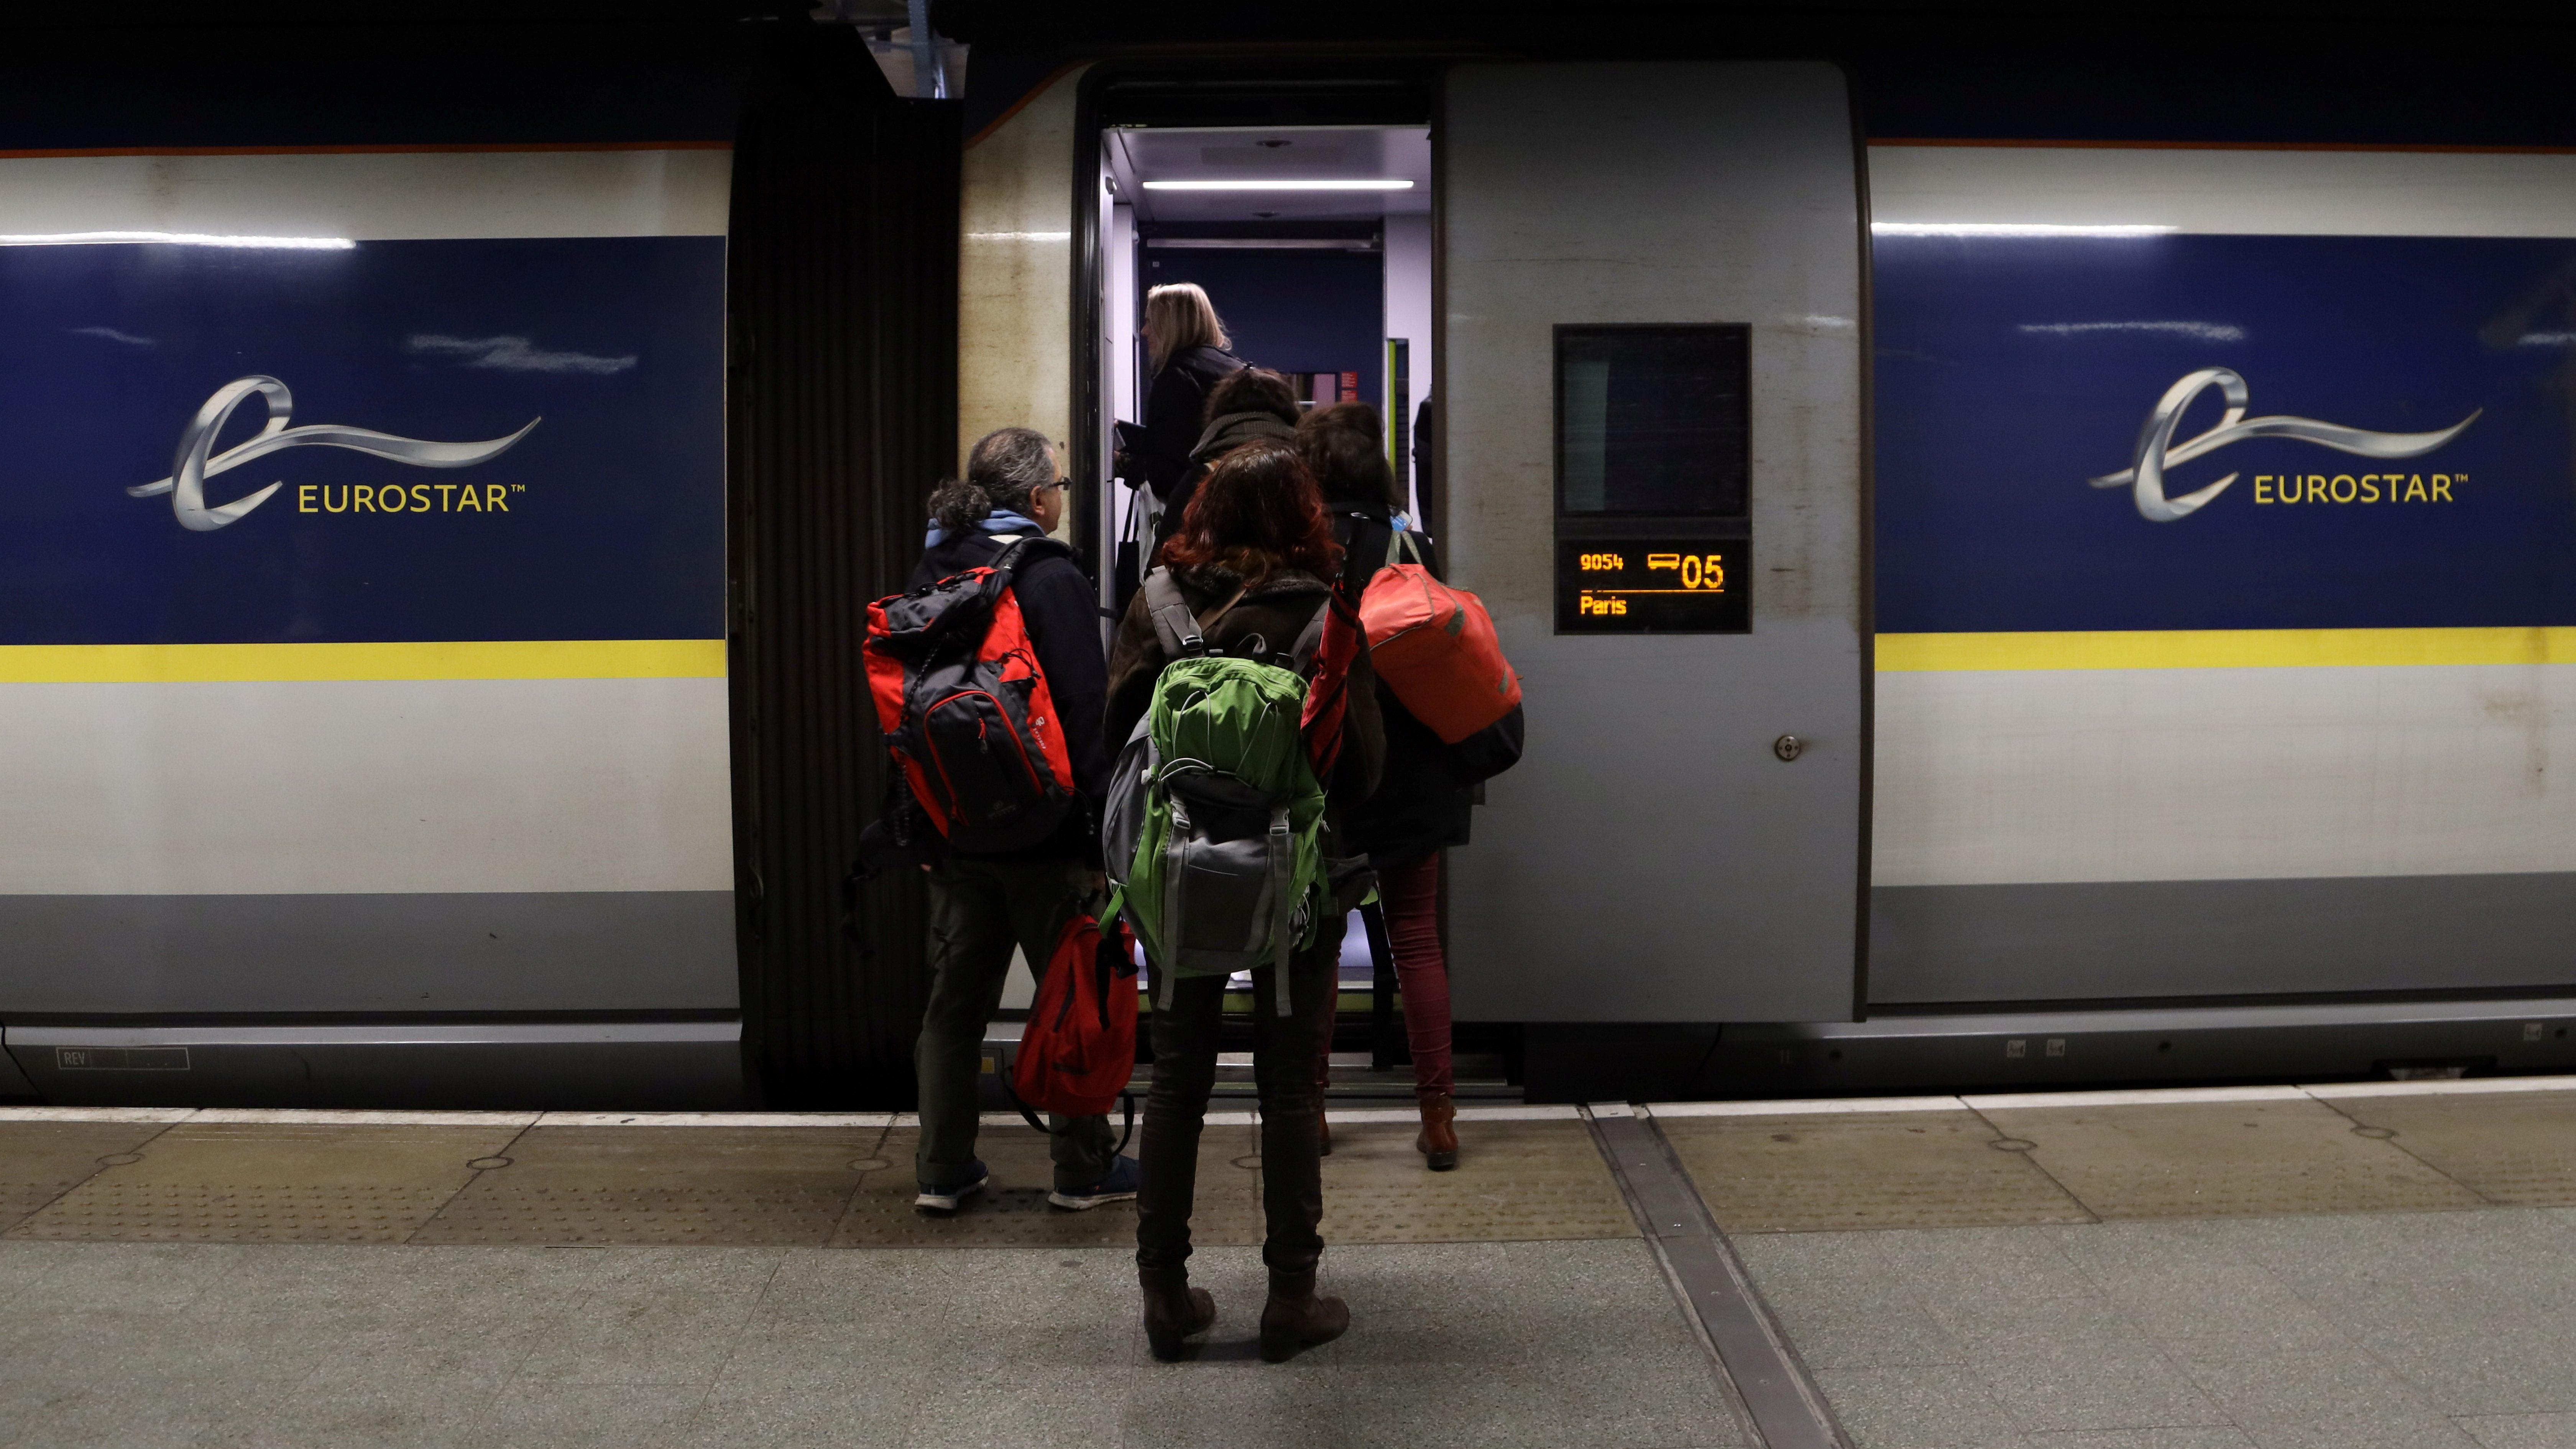 People board a Eurostar train